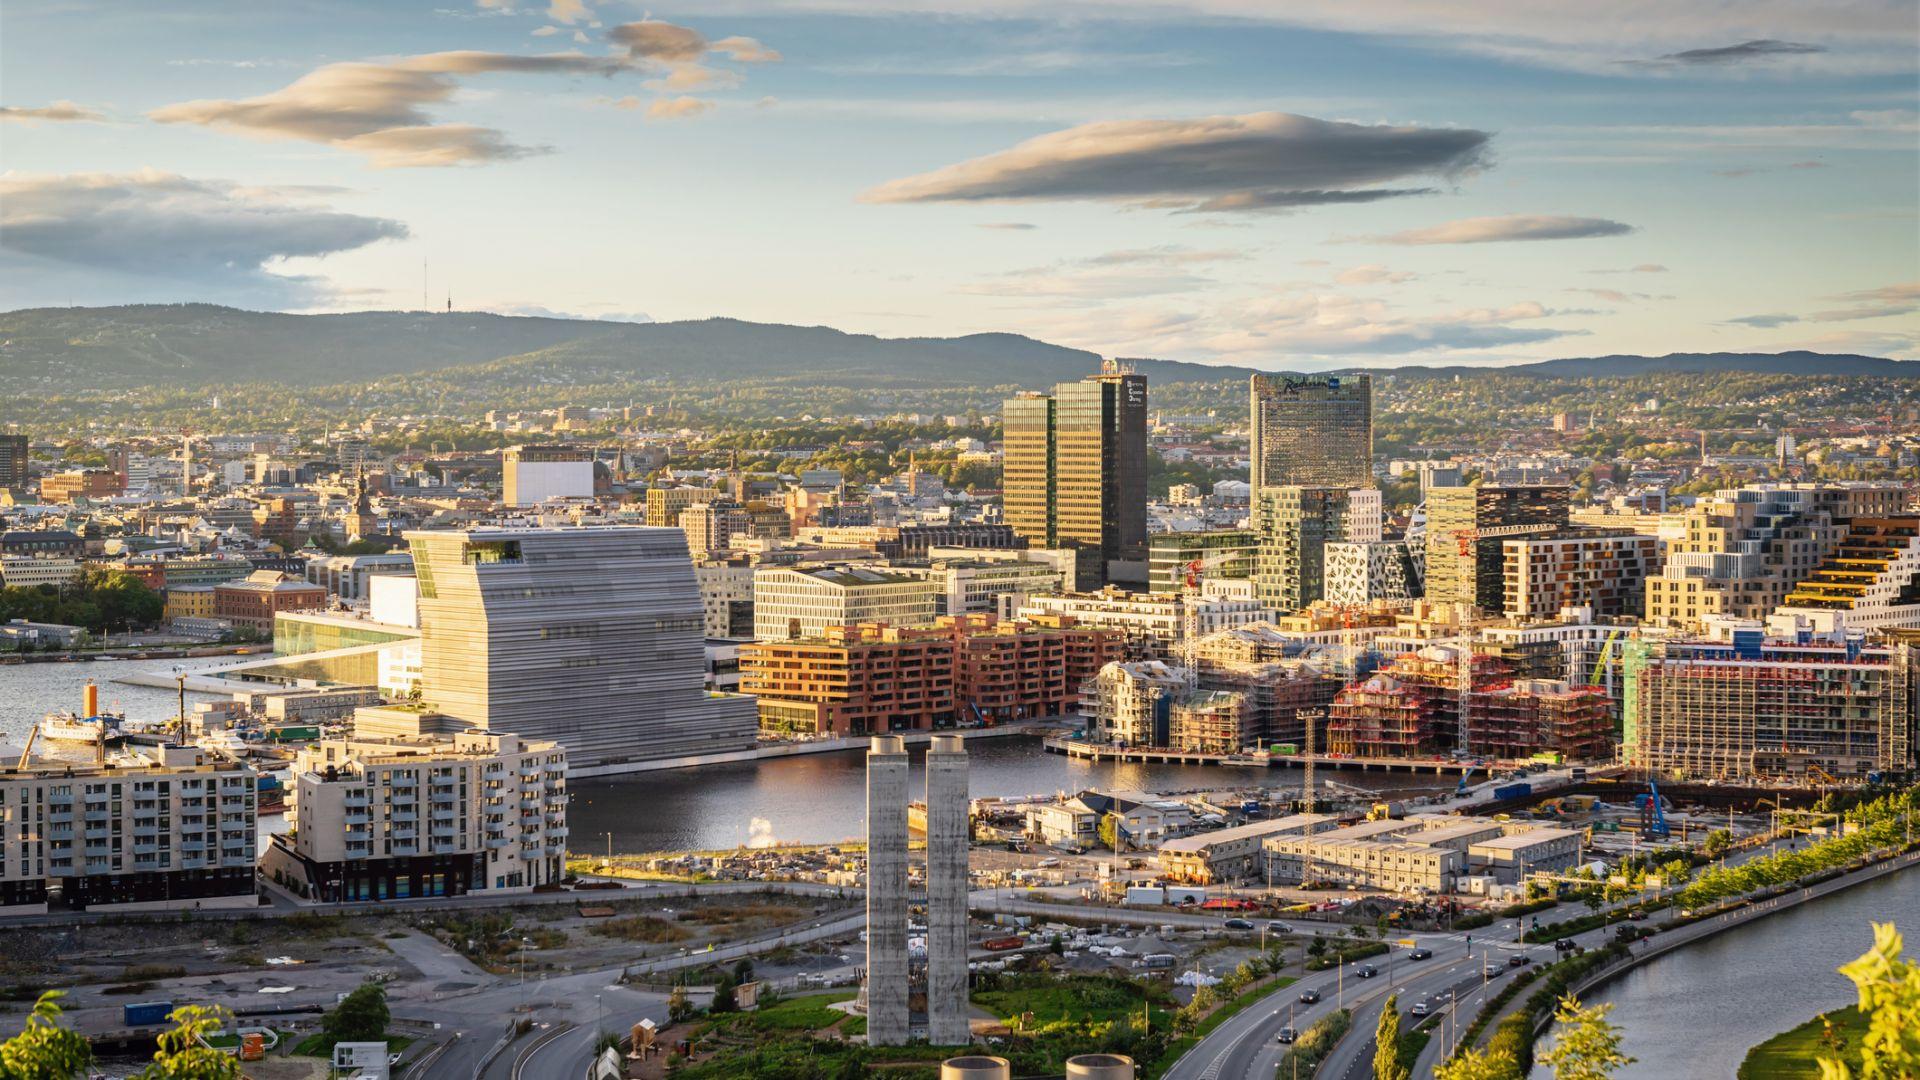 Първият въглеродно неутрален инсенератор за отпадъци ще се изгради в Осло